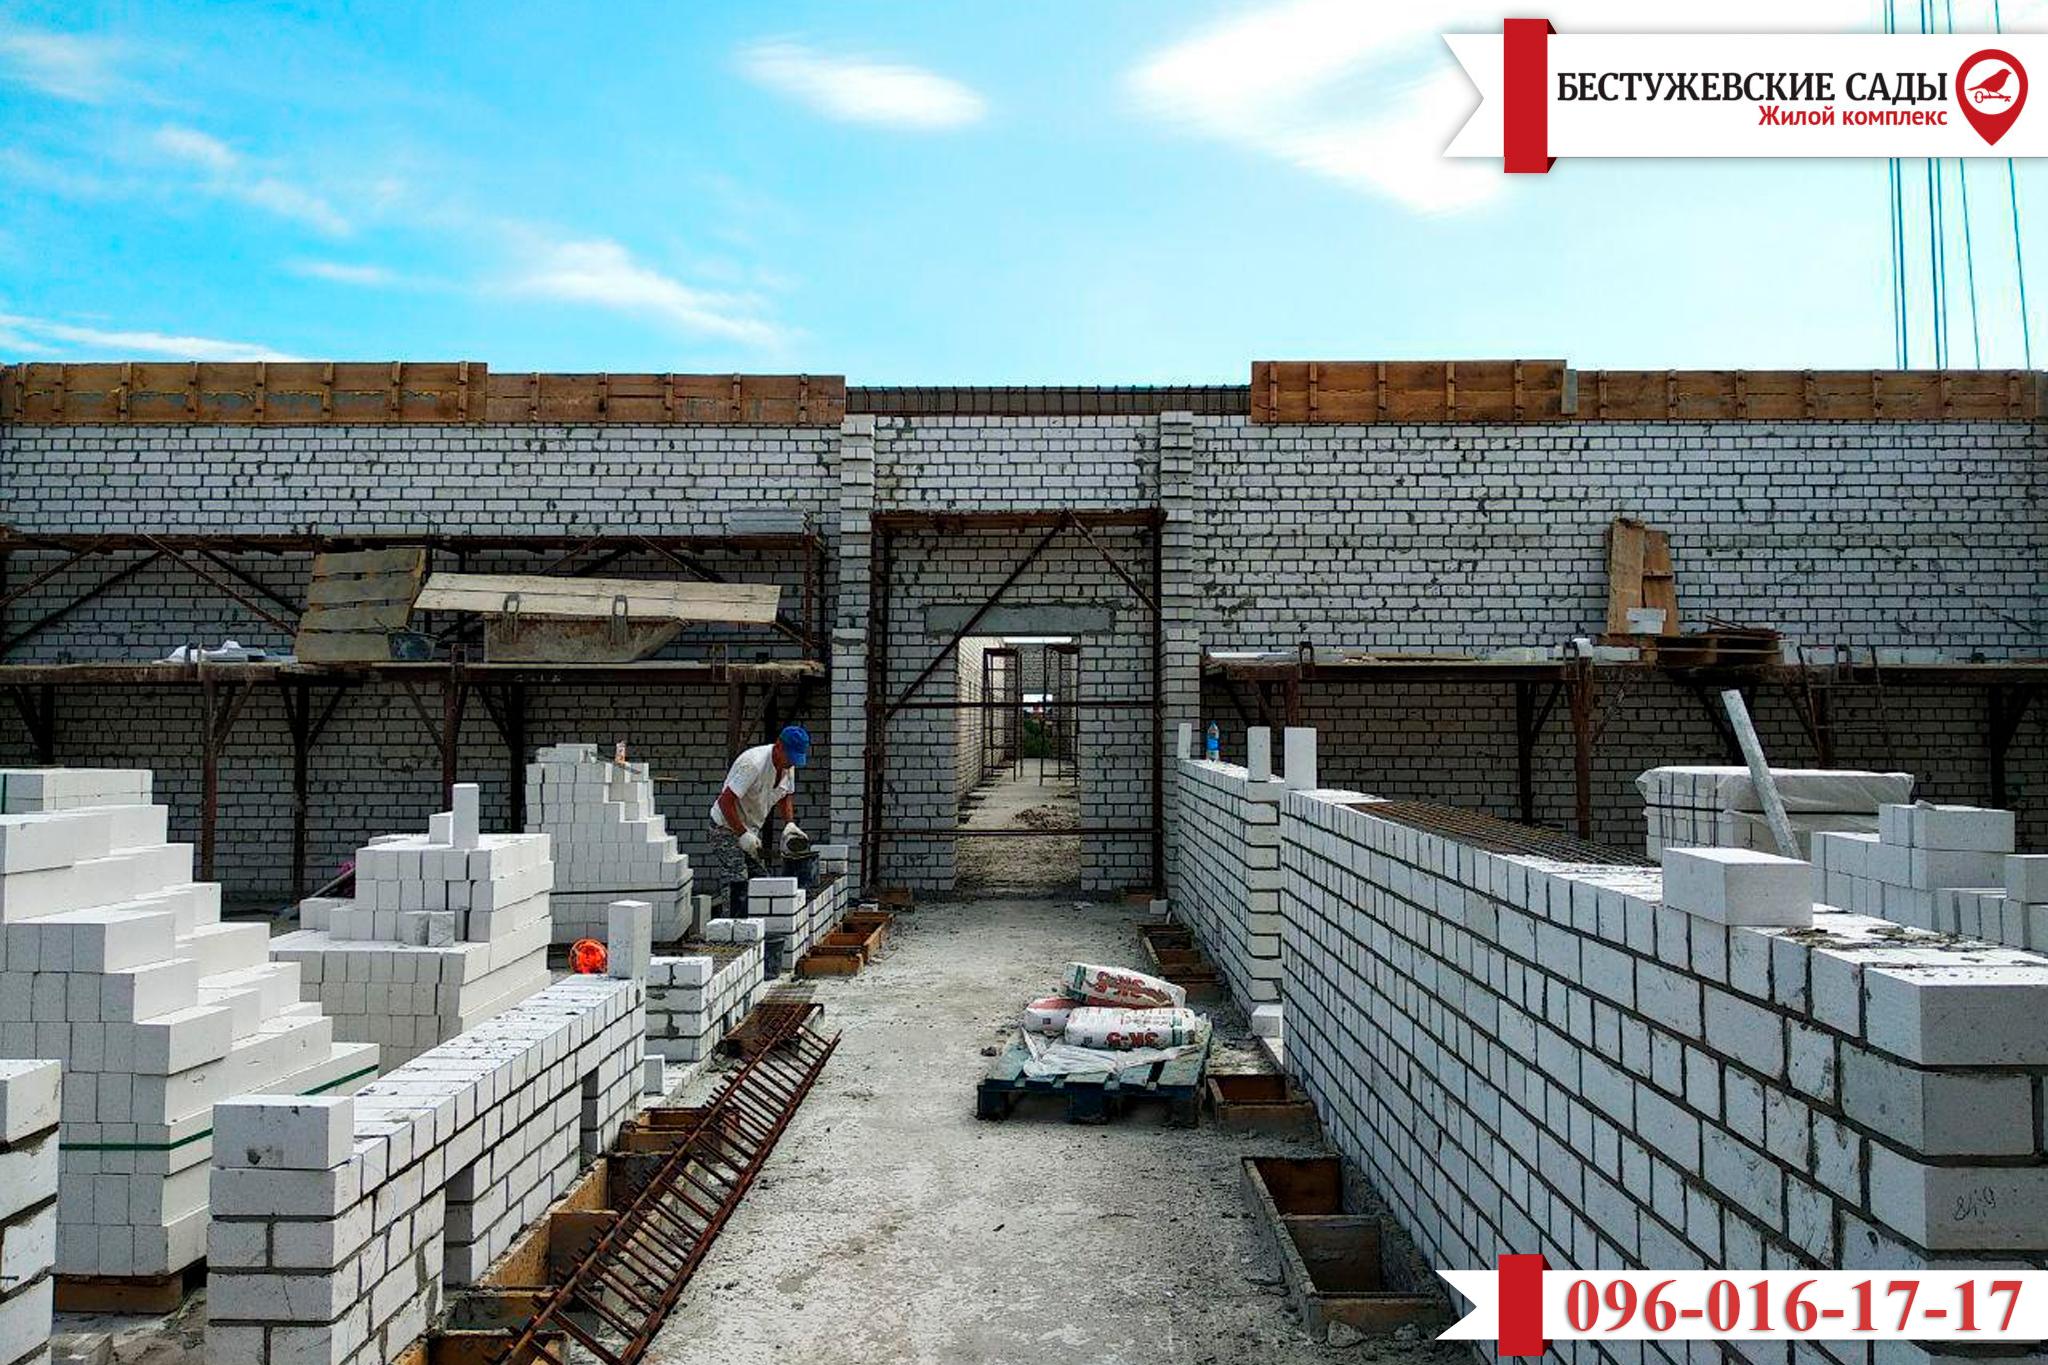 Свіжі новини про будівництво ЖК «Бестужівські сади»